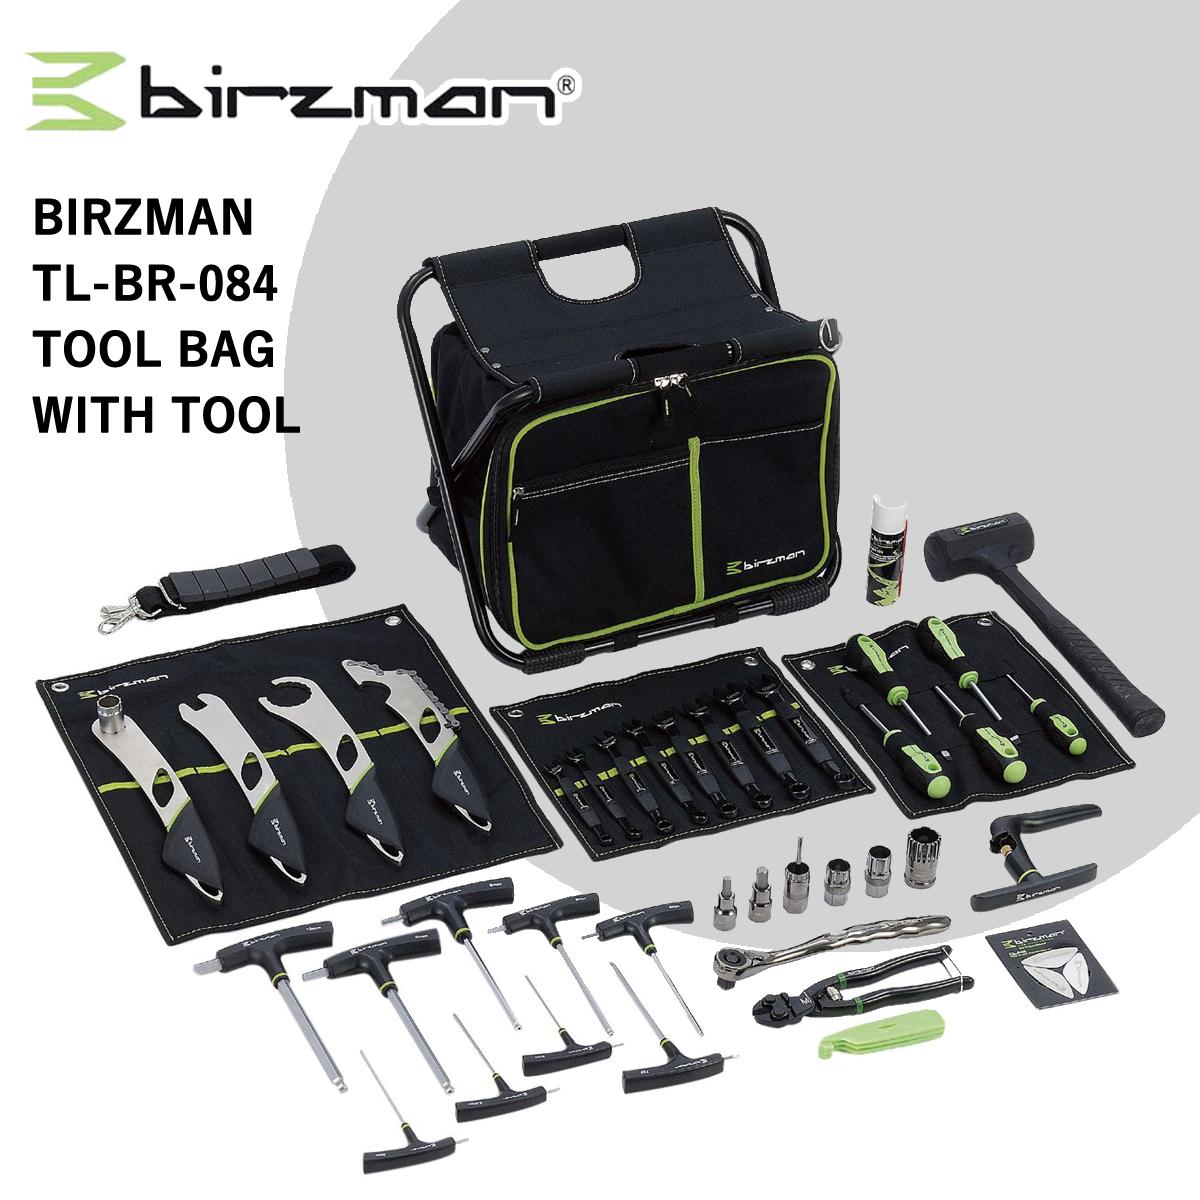 【在庫処分価格】工具セット 工具 椅子 ツールボックス BIRZMAN TL-BR-084 TOOL BAG WITH TOOL 工具セット 自転車 ロードバイク クロスバイク